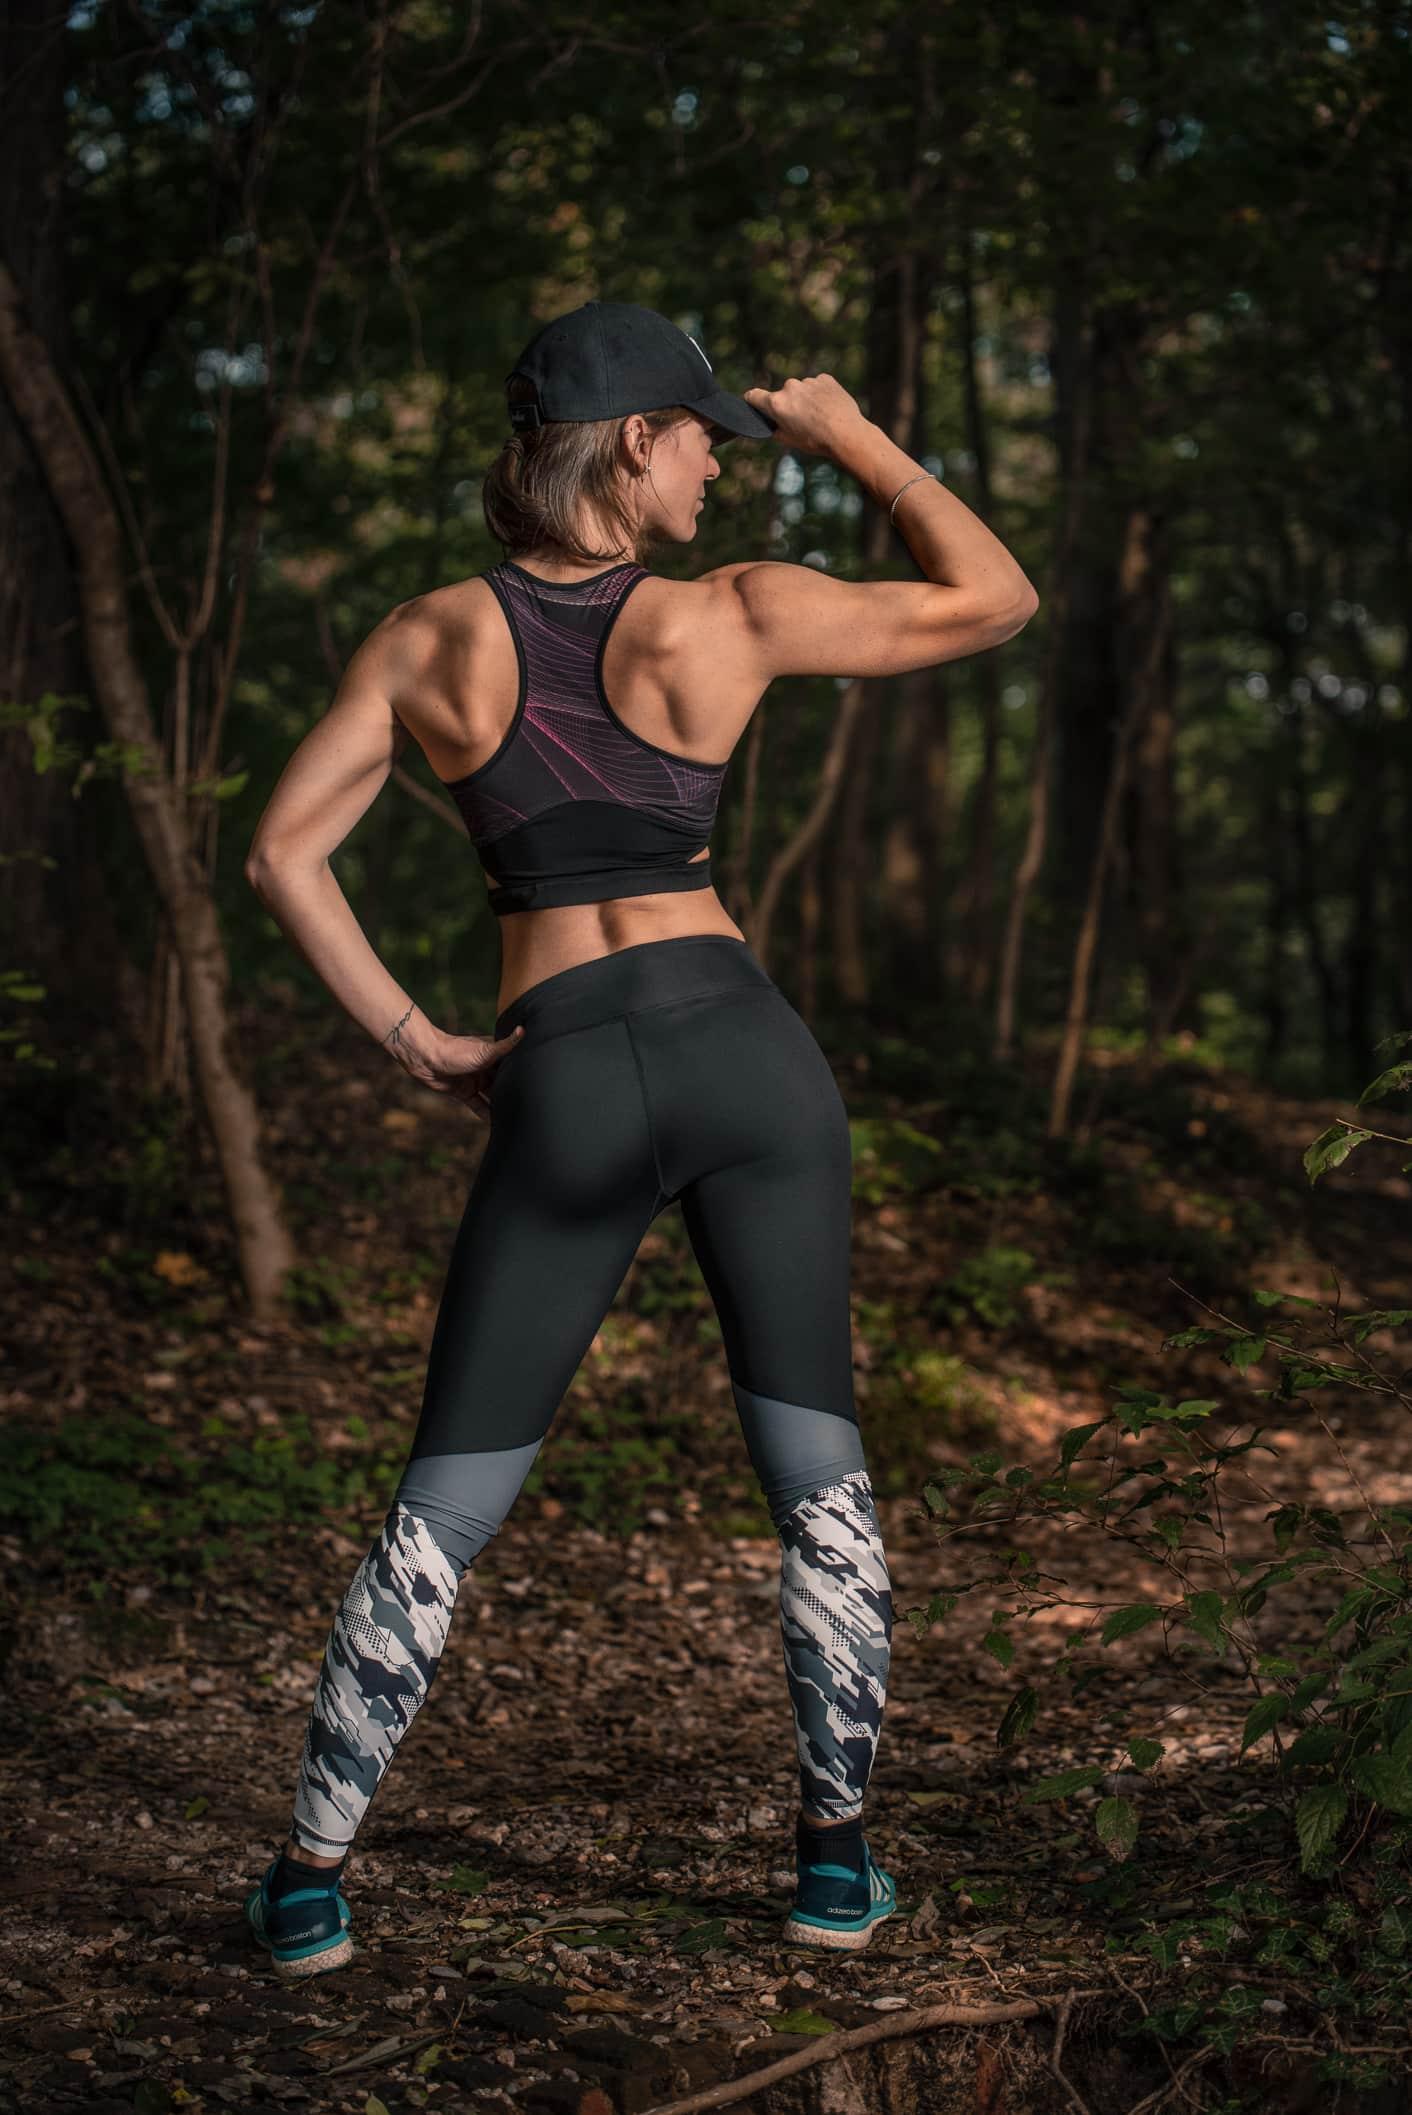 ragazza di schiena con outfit sportivo nel parco di monza tiene con la mano destra un cappellino